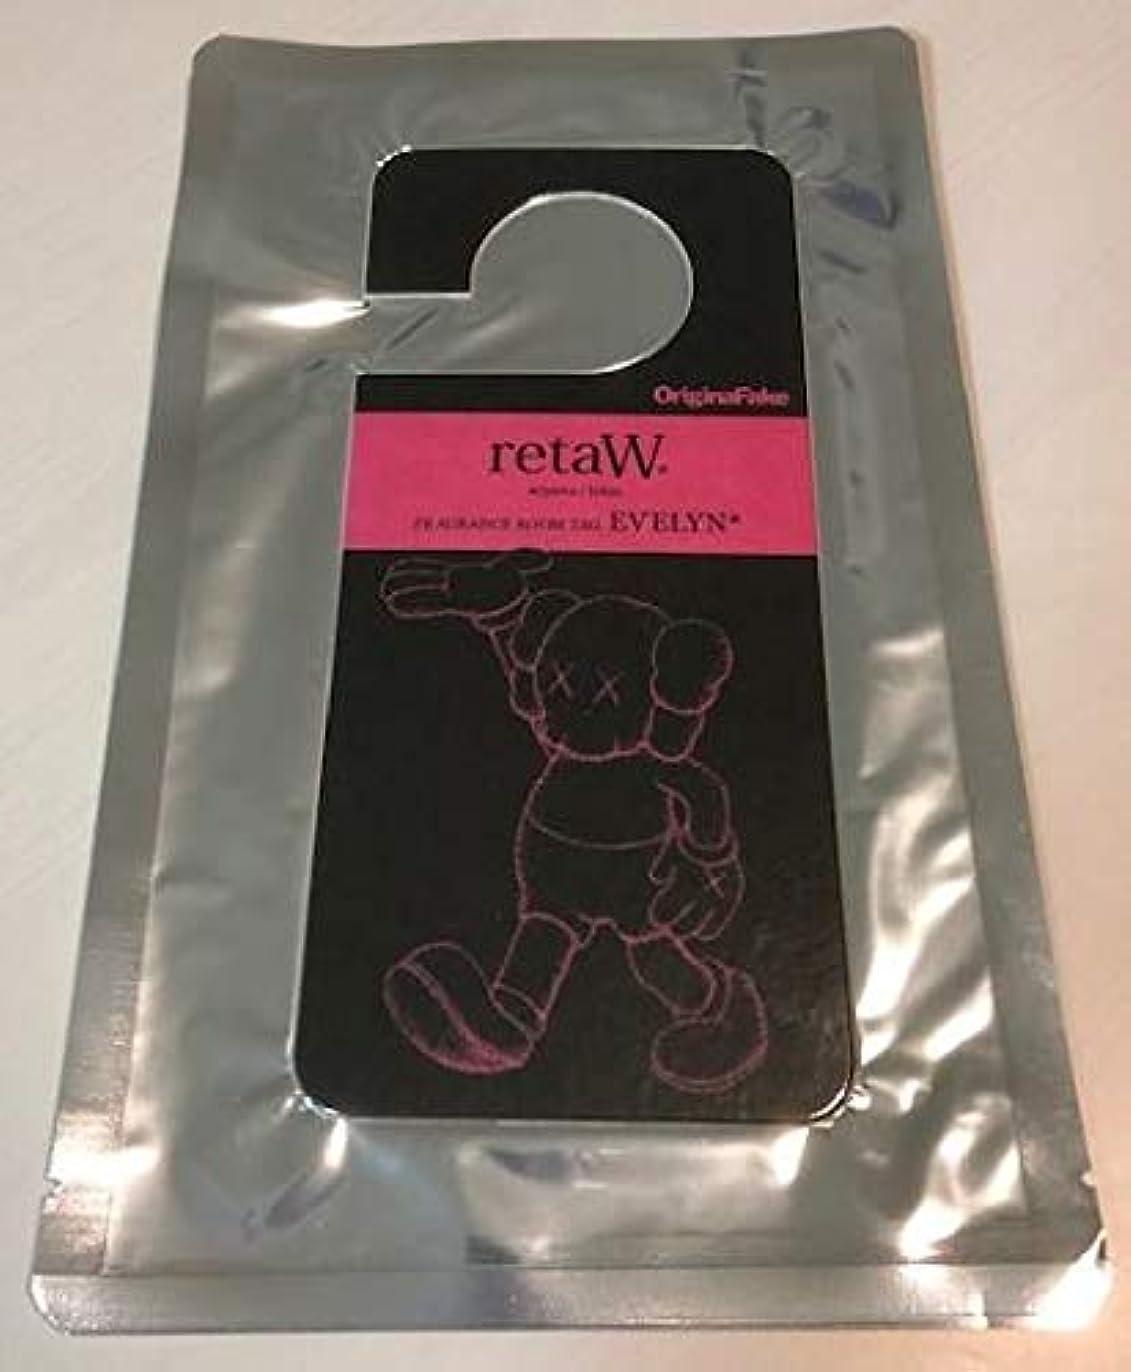 デンプシー男やもめデンプシーKAWS OriginalFake Fragrance room tag ルームフレグランス 非売品 ノベルティ